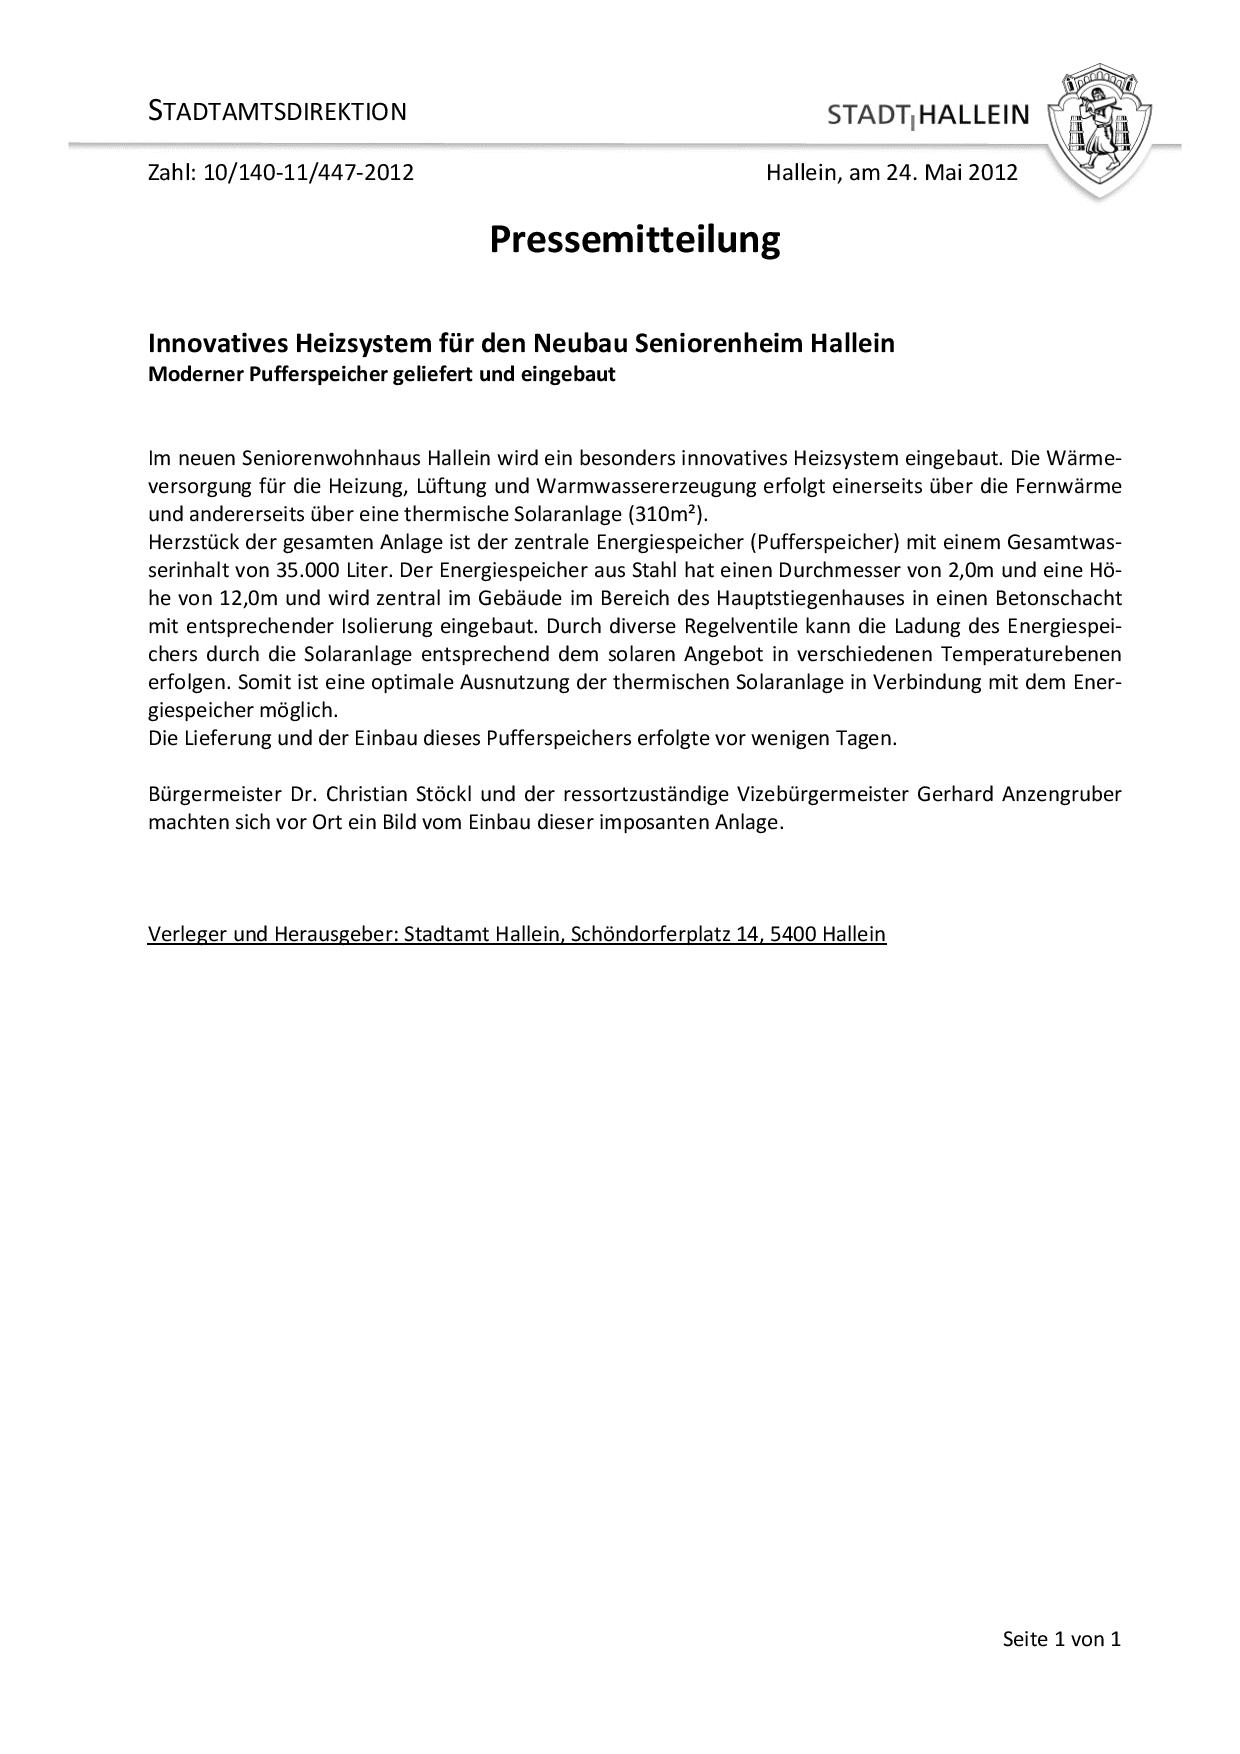 Innovatives Heizsystem für den Neubau Seniorenheim Hallein - Hallein ...